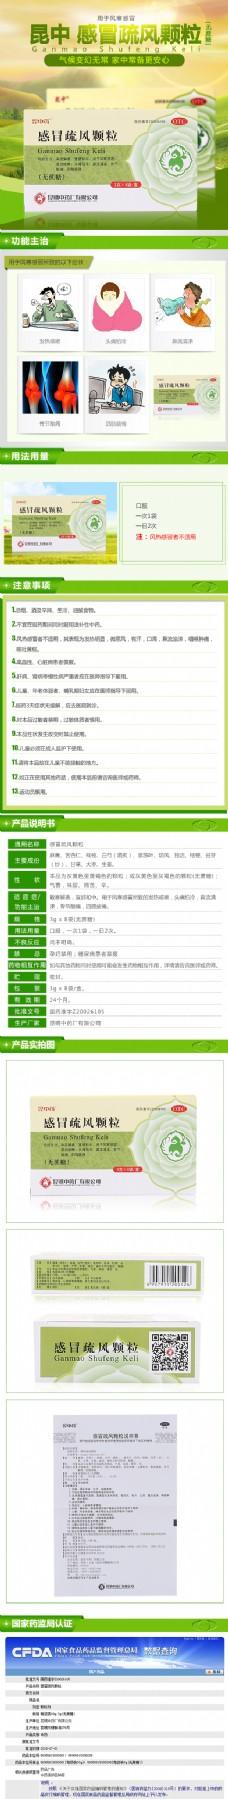 绿色感冒详情页